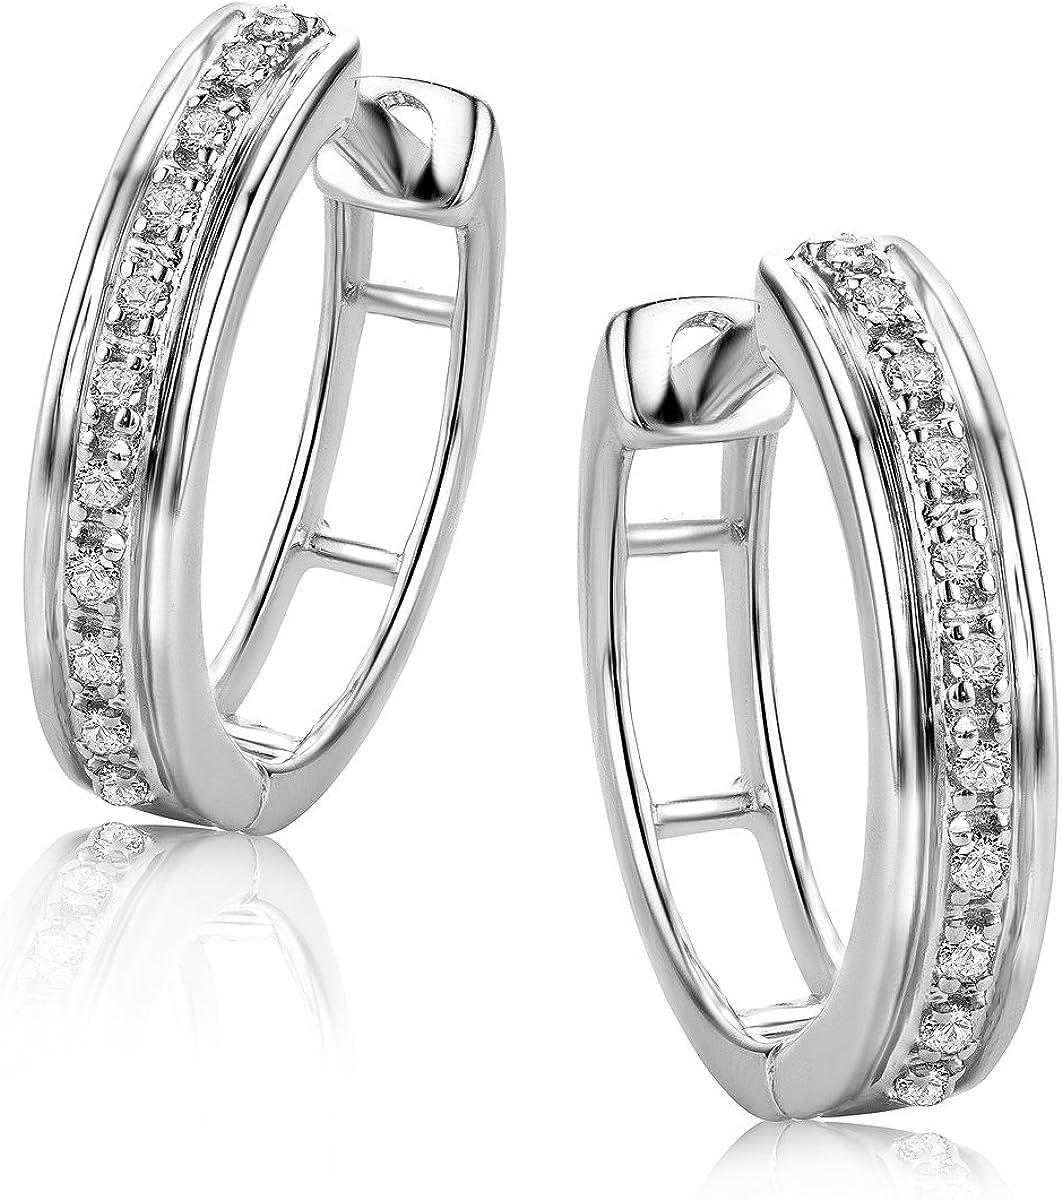 Orovi Pendientes Señora aros en Oro Blanco con Diamantes Talla Brillante 0.06 ct Oro 9 Kt / 375